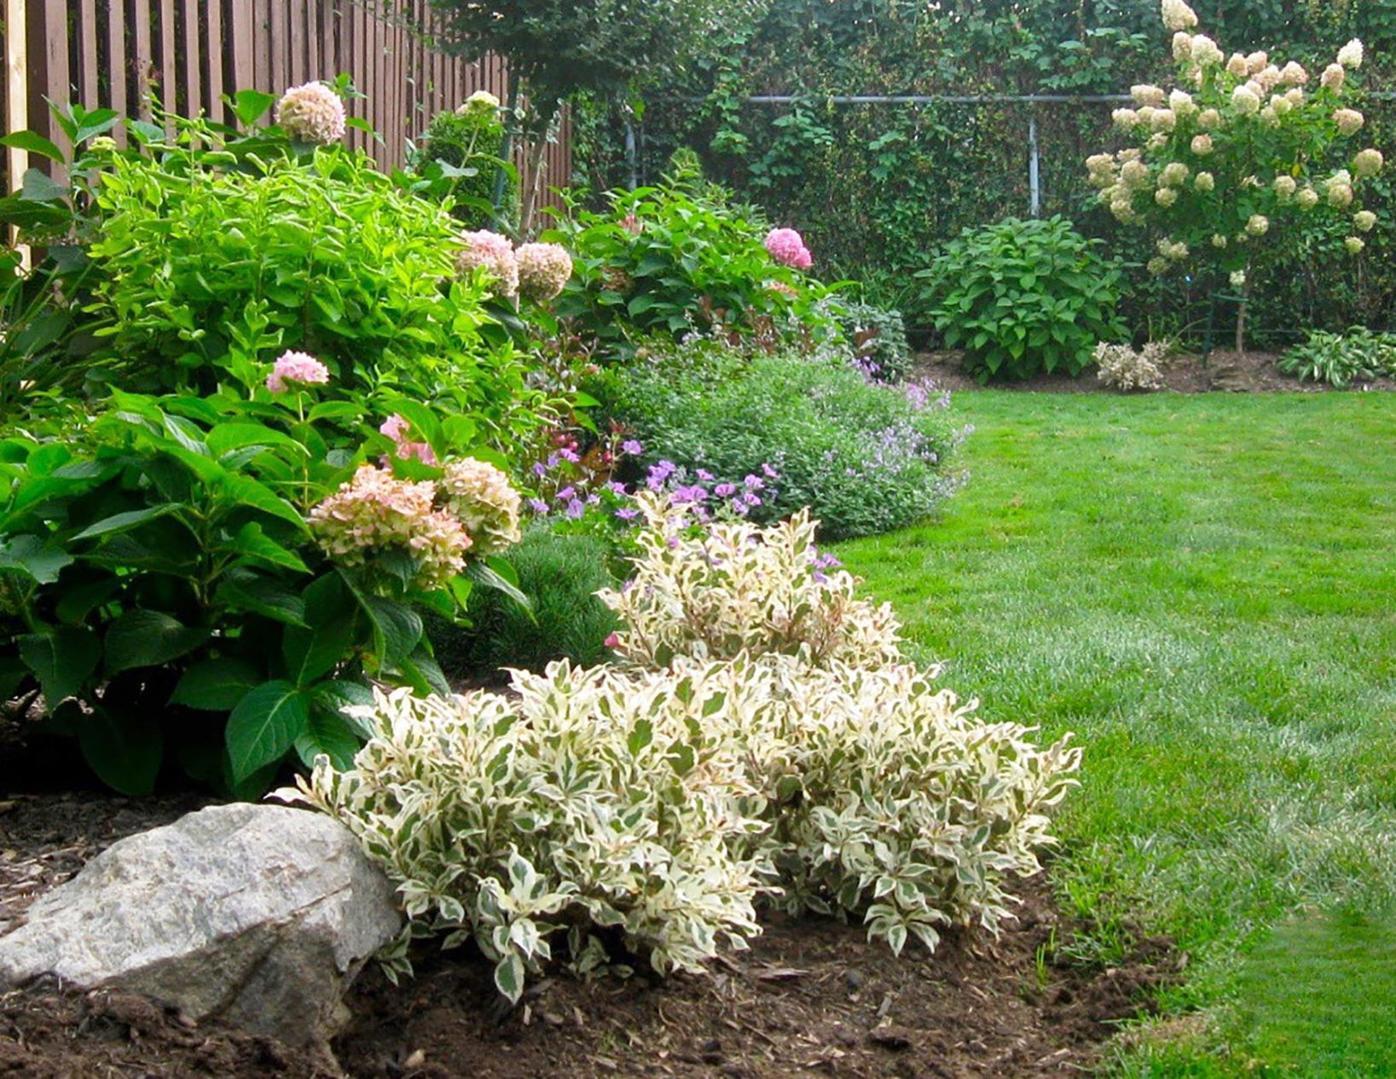 Elaine Sanders: Low-maintenance flowers